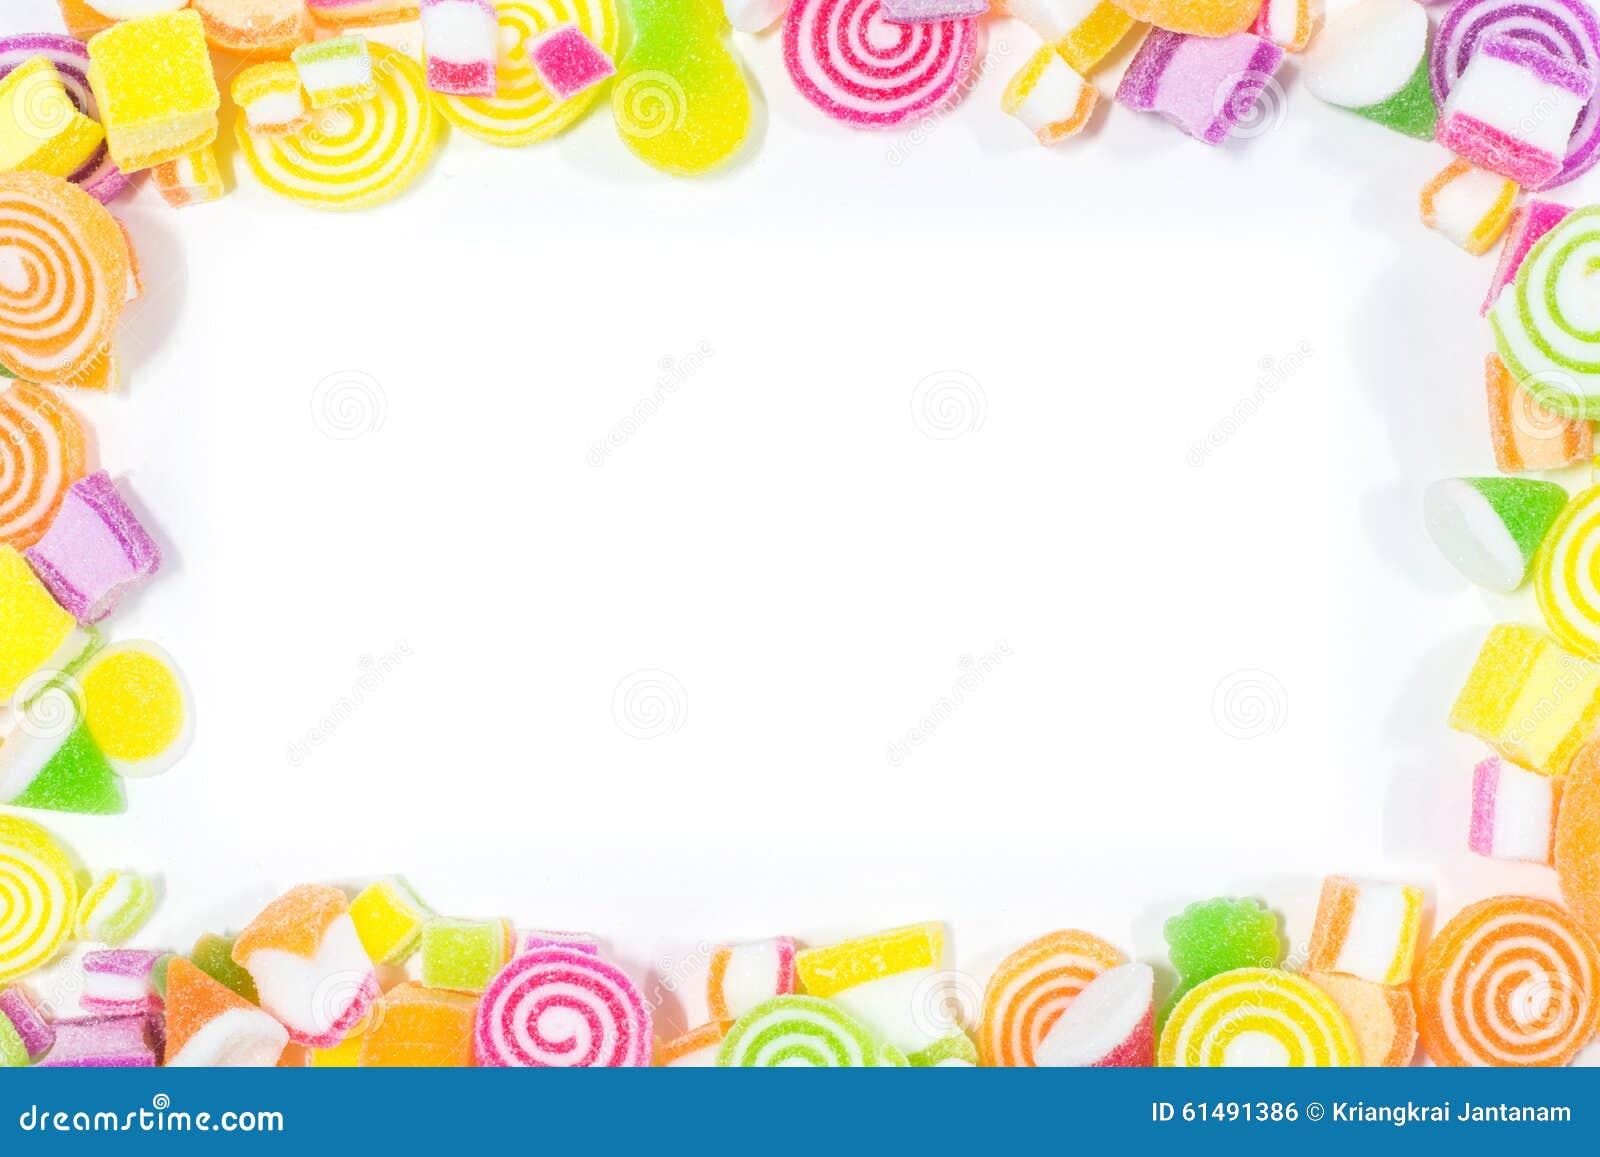 Marsmellow met de achtergrond van het gelatinedessert